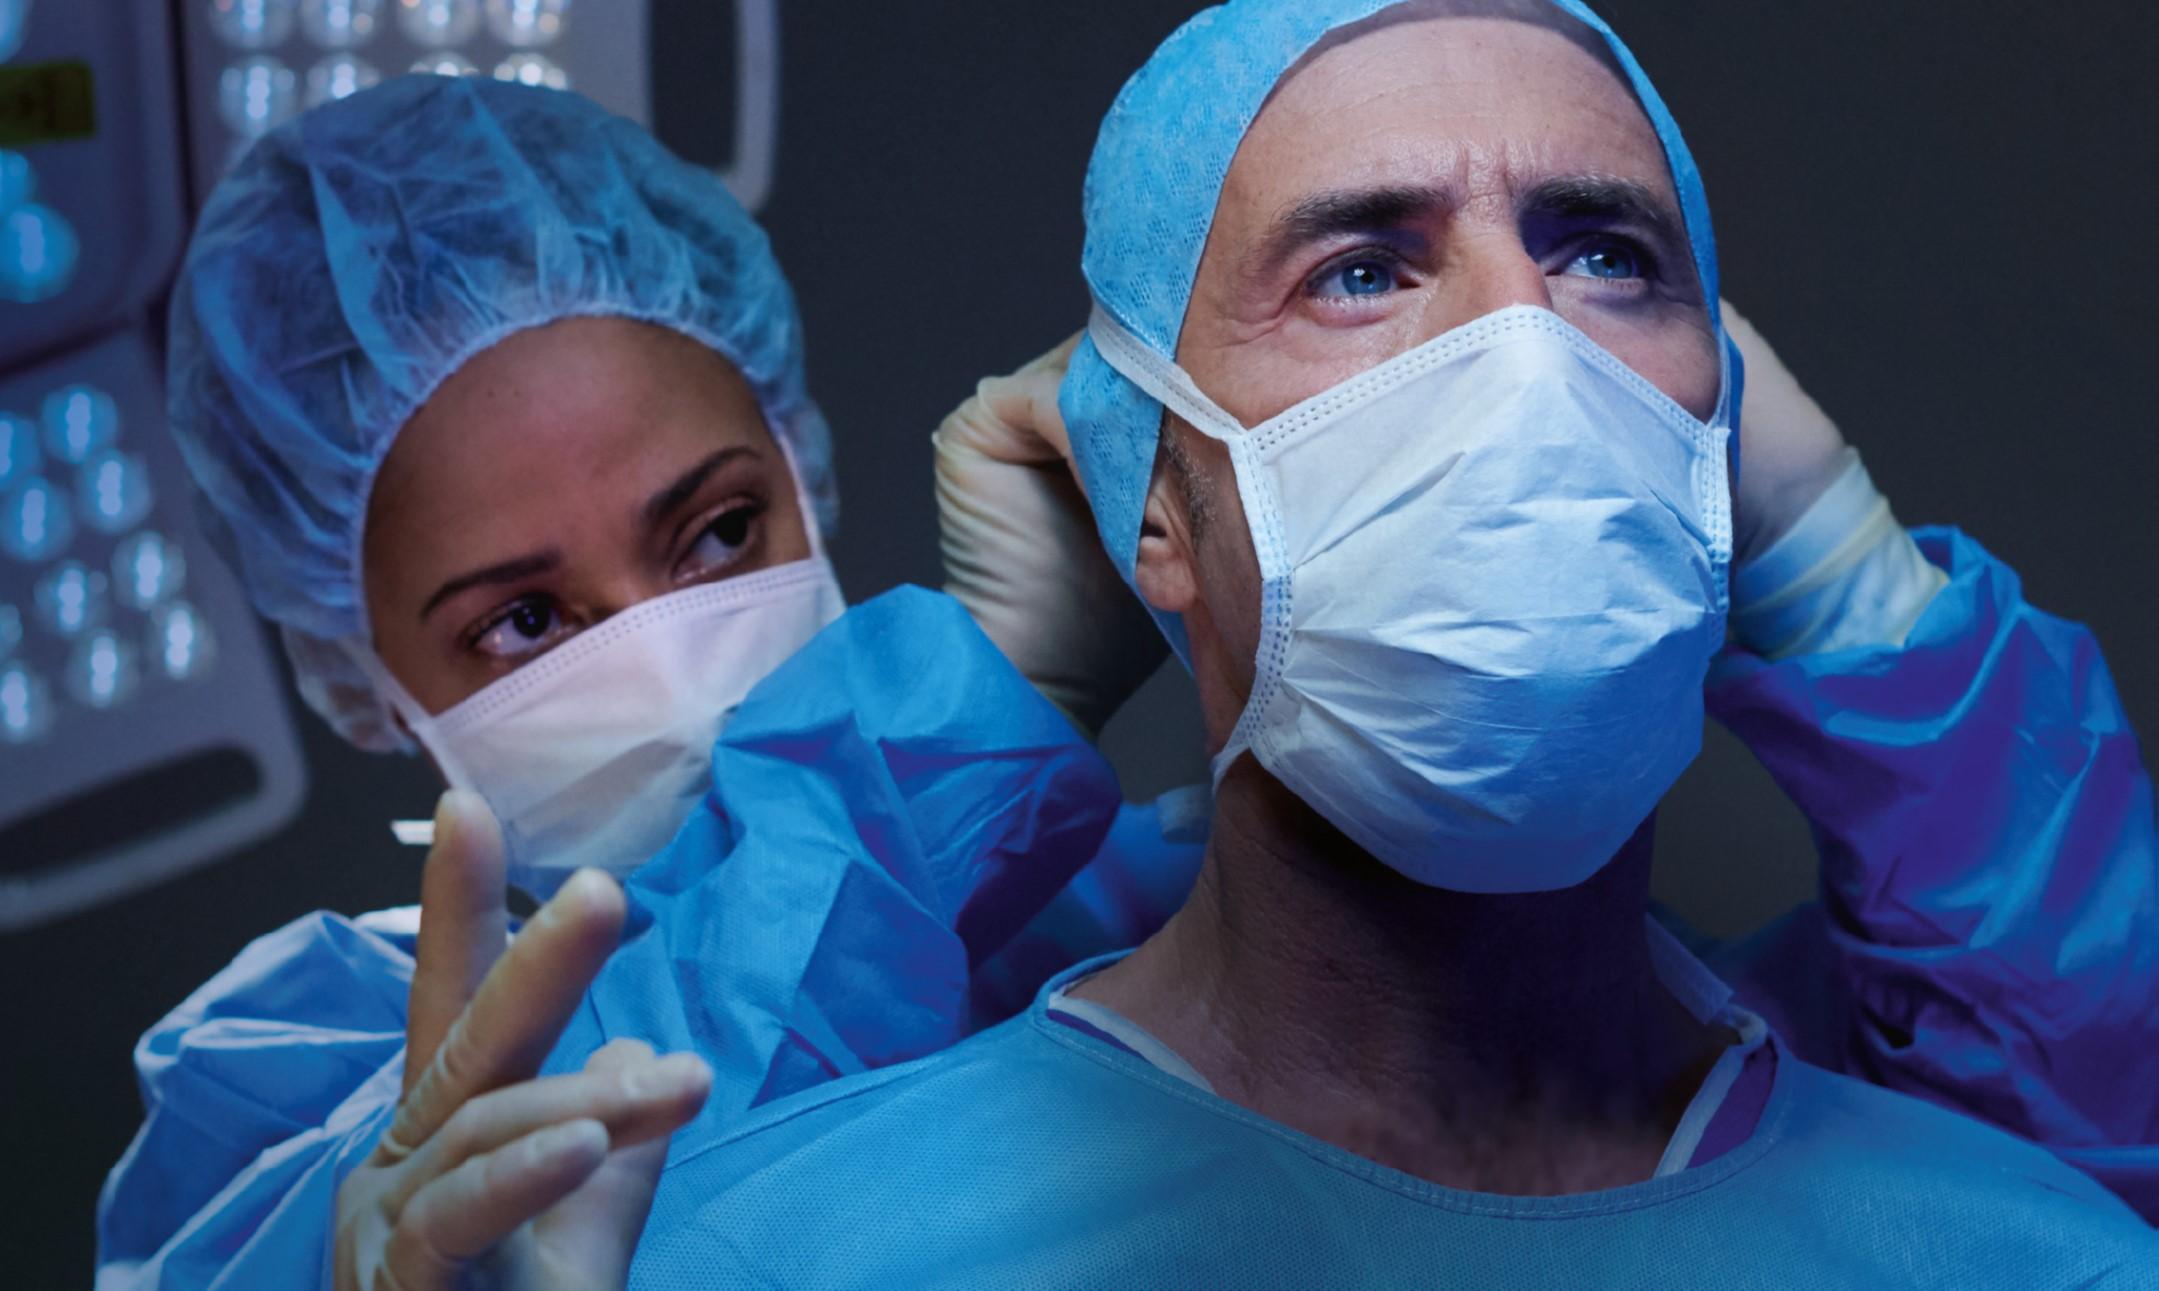 El peligro de las co-infecciones y sobre-infecciones en pacientes con COVID-19